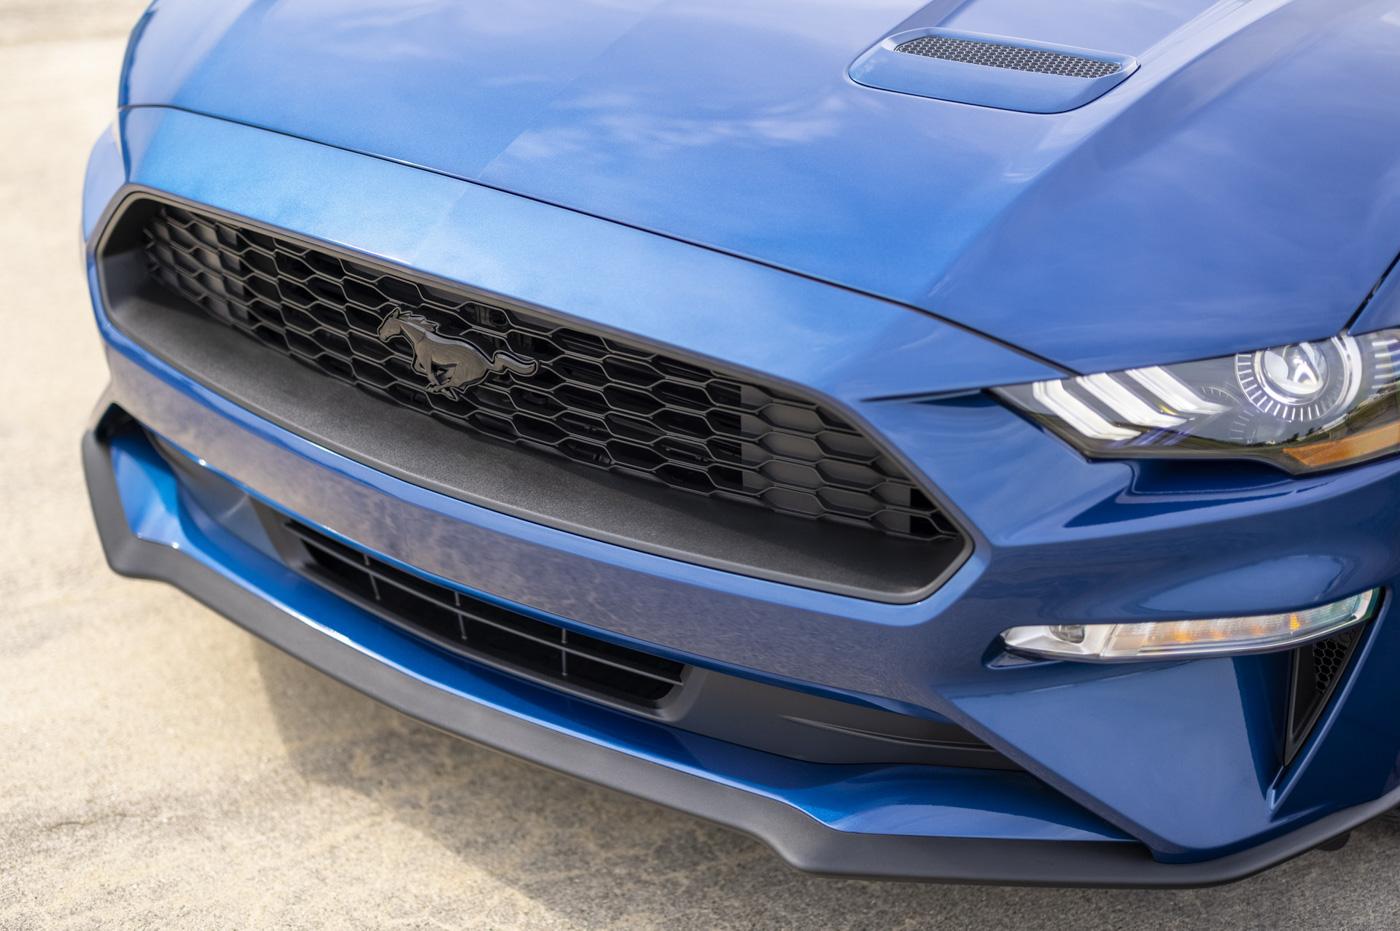 Mustang Special Edition (17).JPG